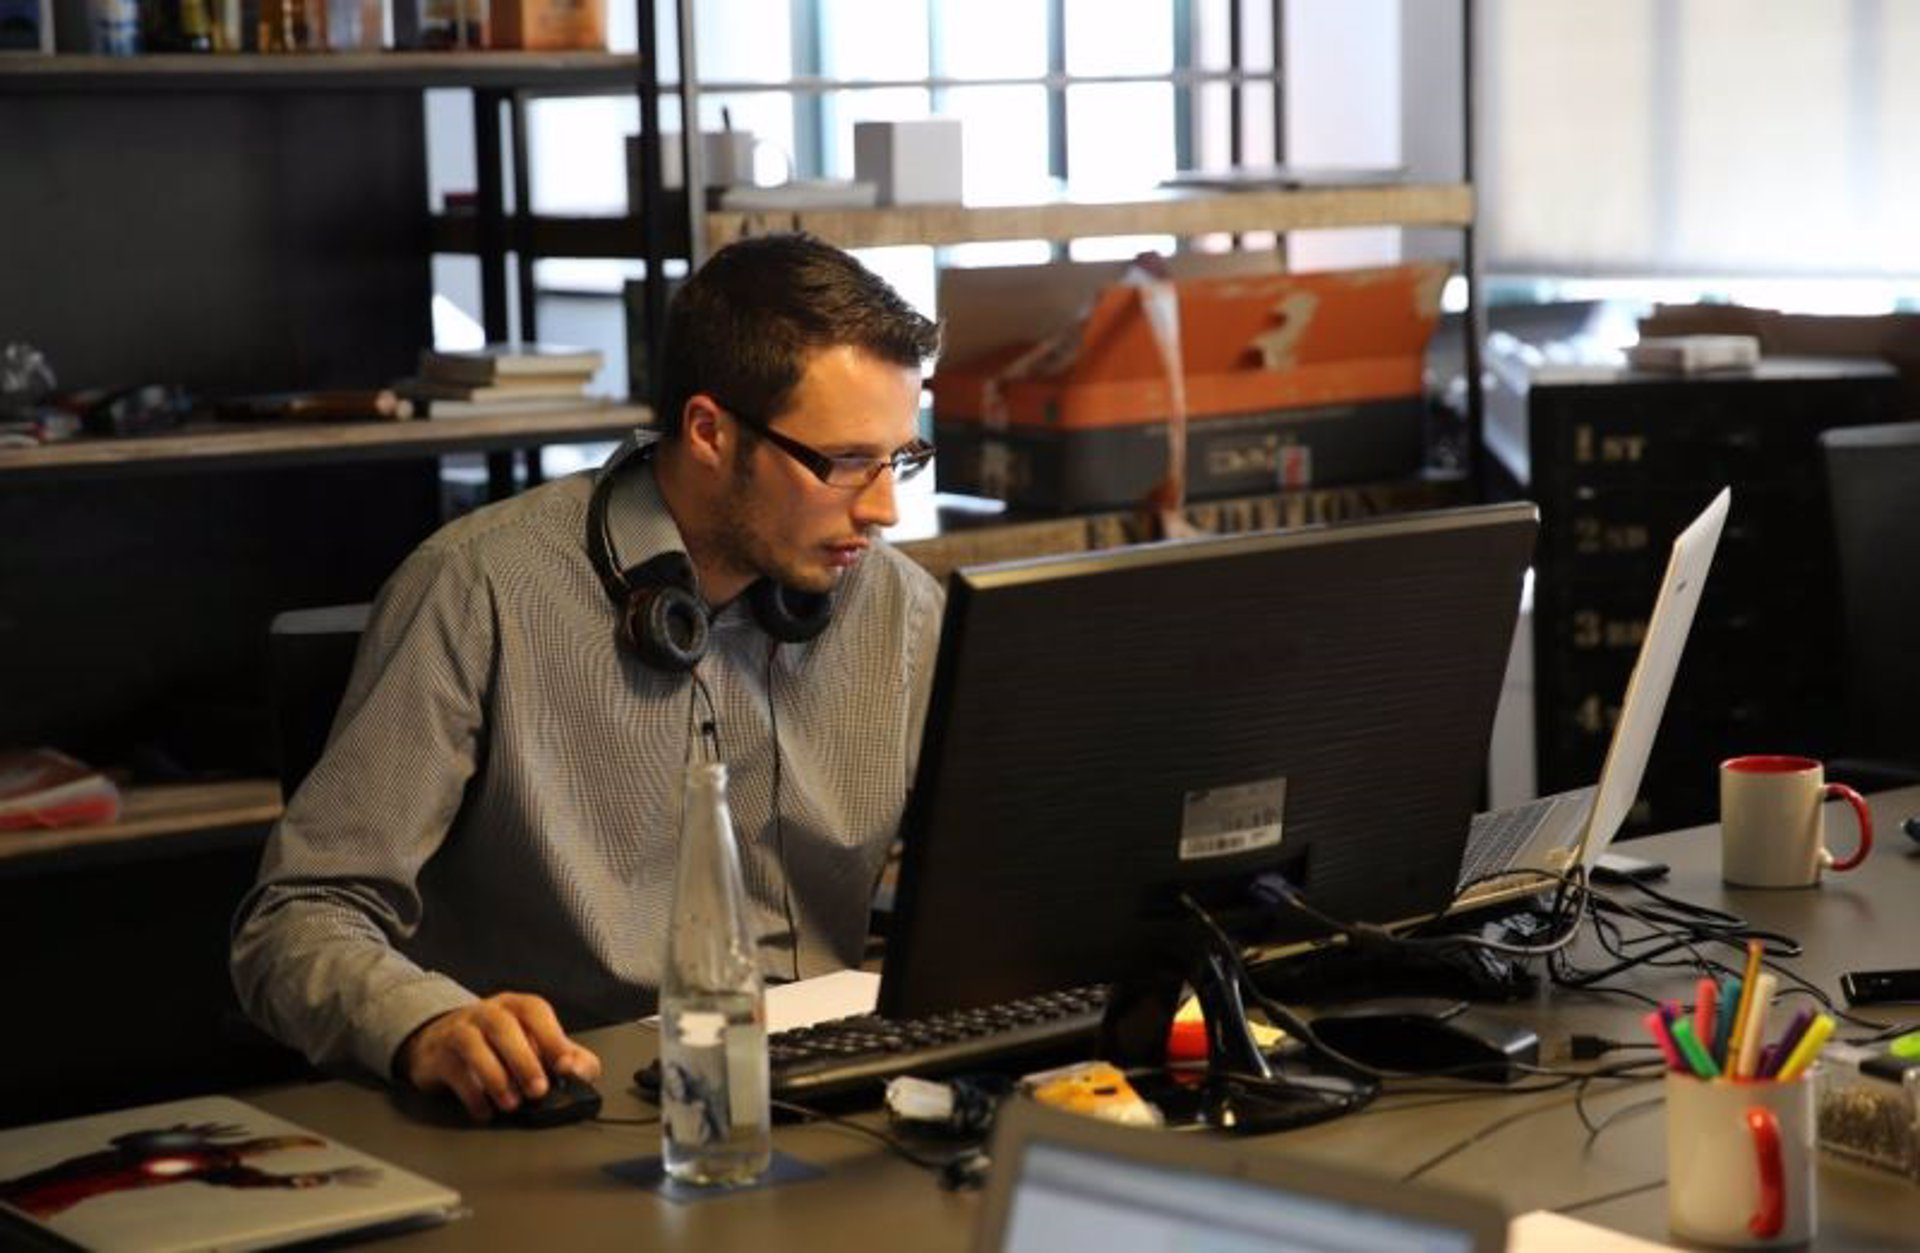 Las ofertas de empleo descienden un 16% en Baleares durante marzo, según Infojobs